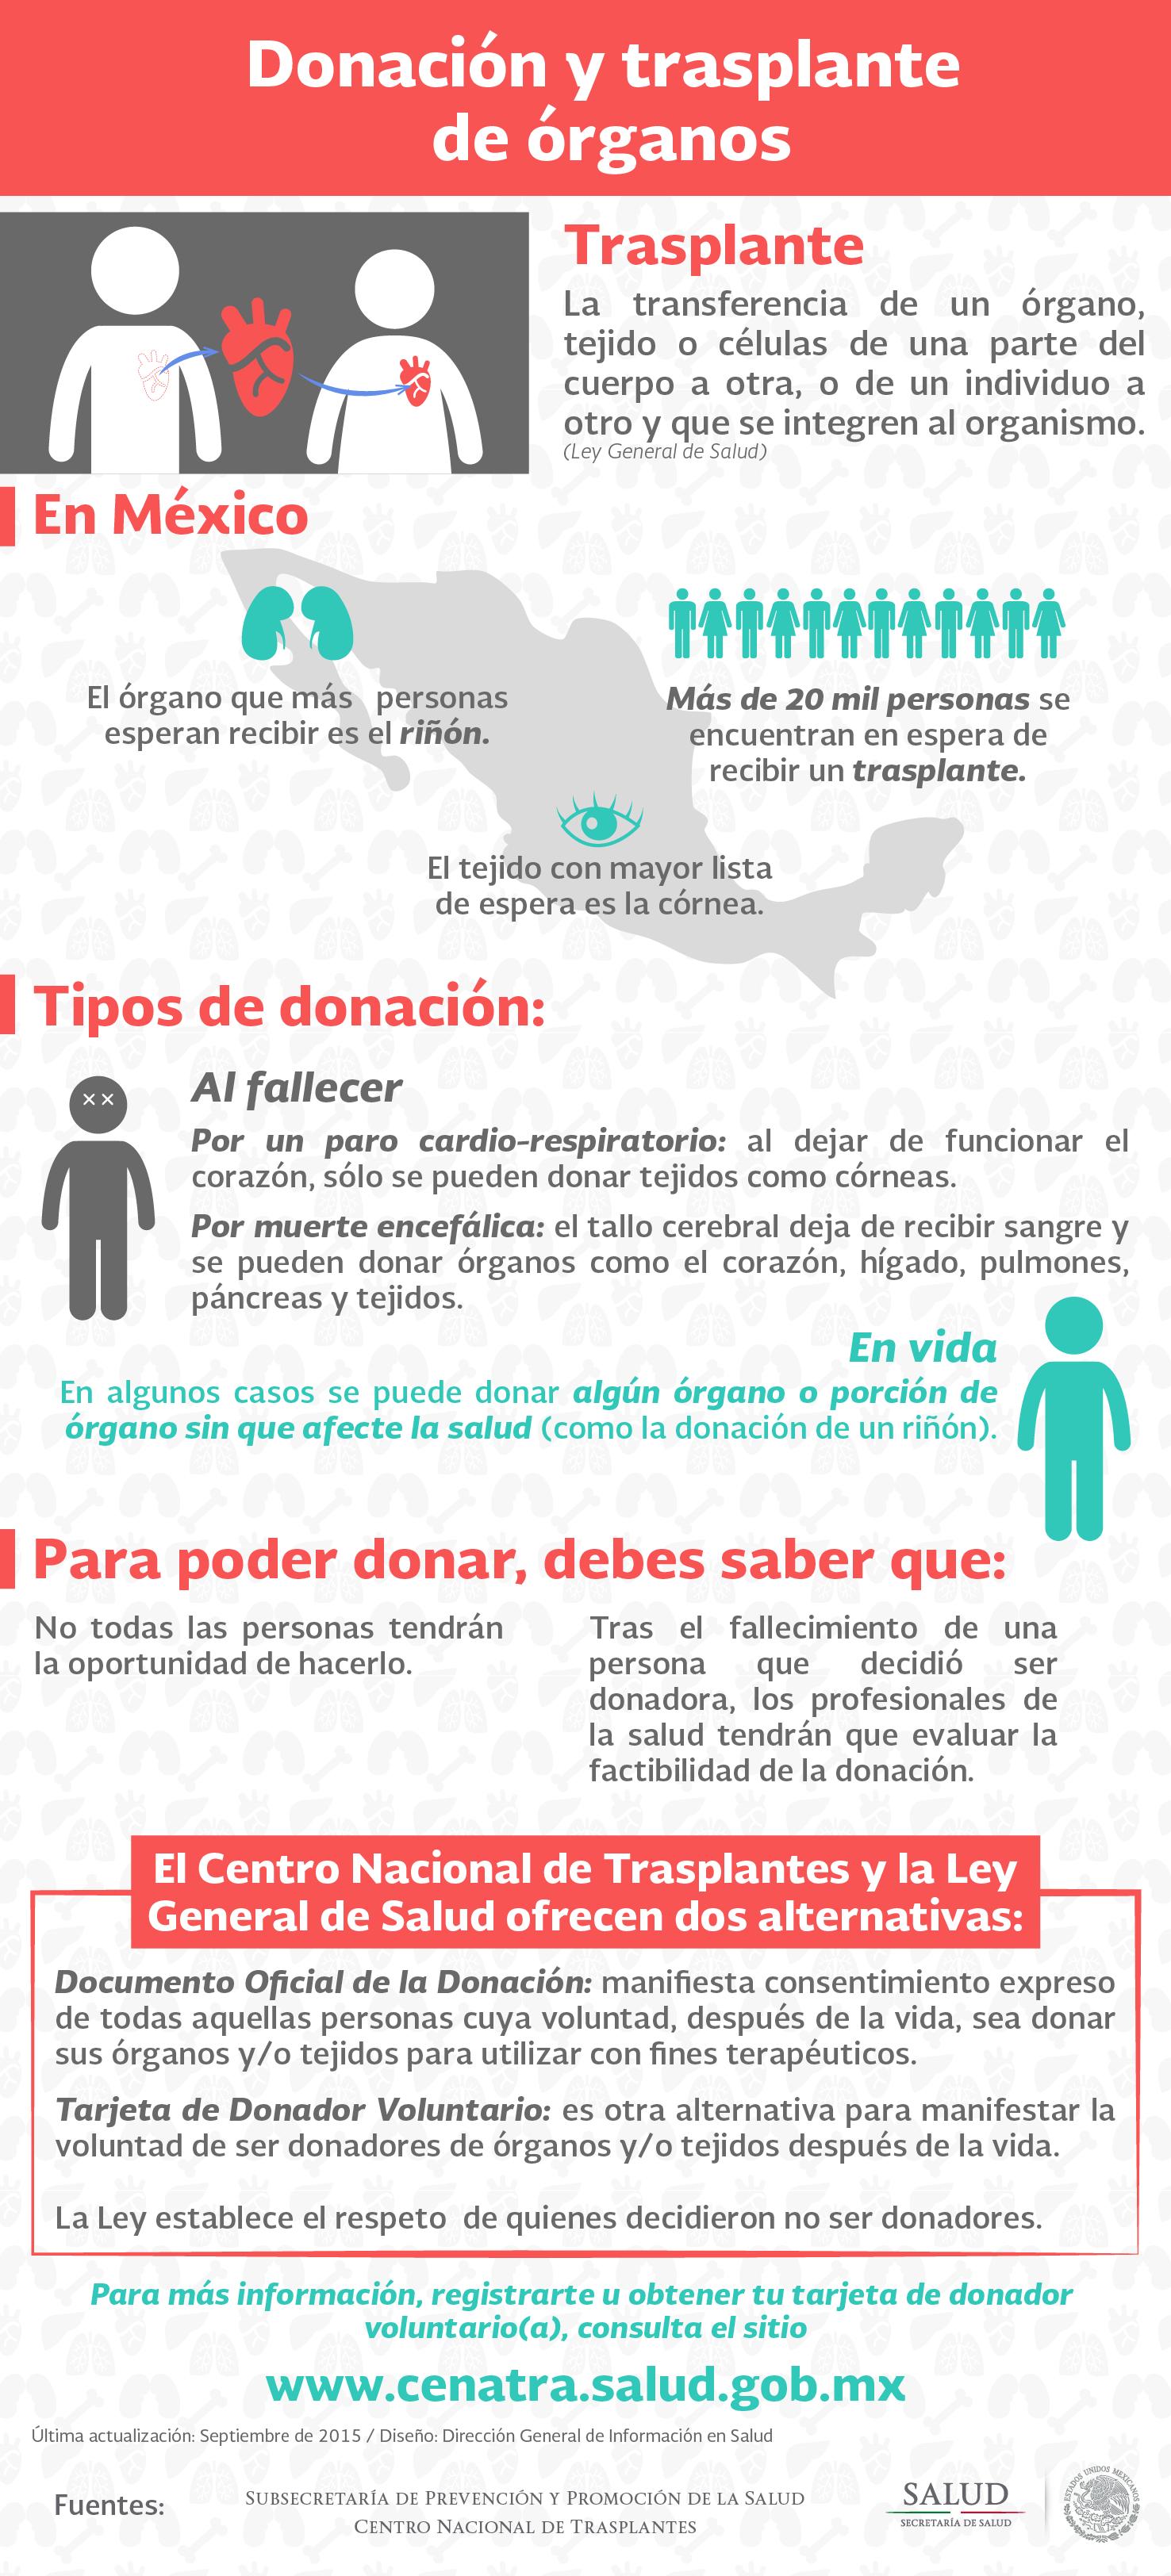 infografia donacion 01png